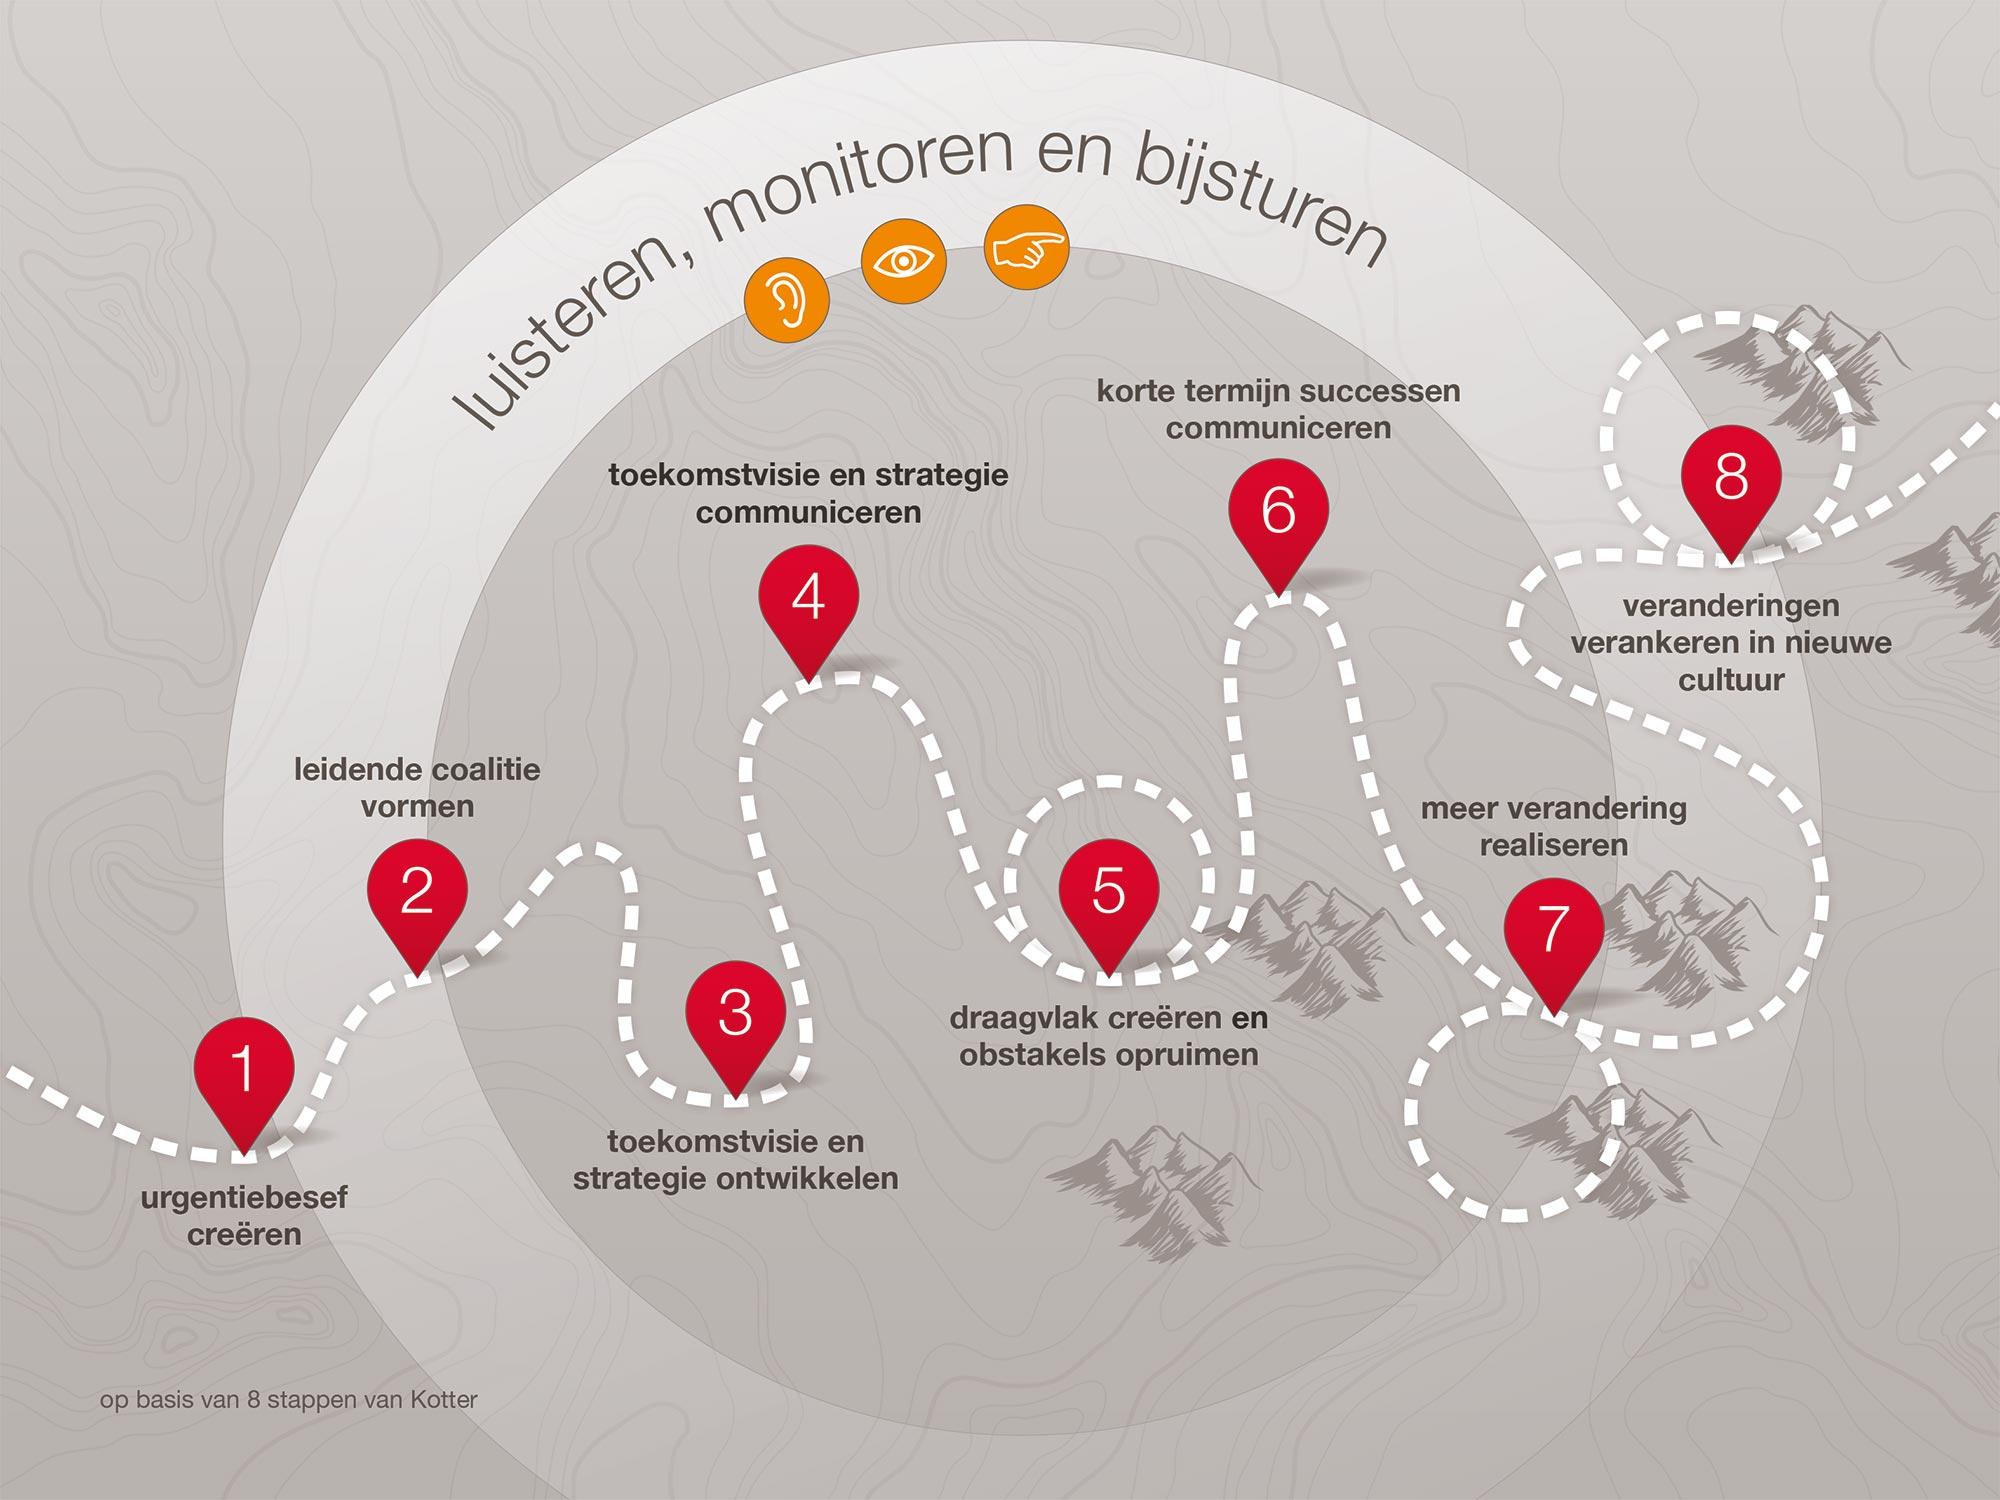 De weg naar succesvol veranderen BEX communicatie infographic JAgd ontwerp 3